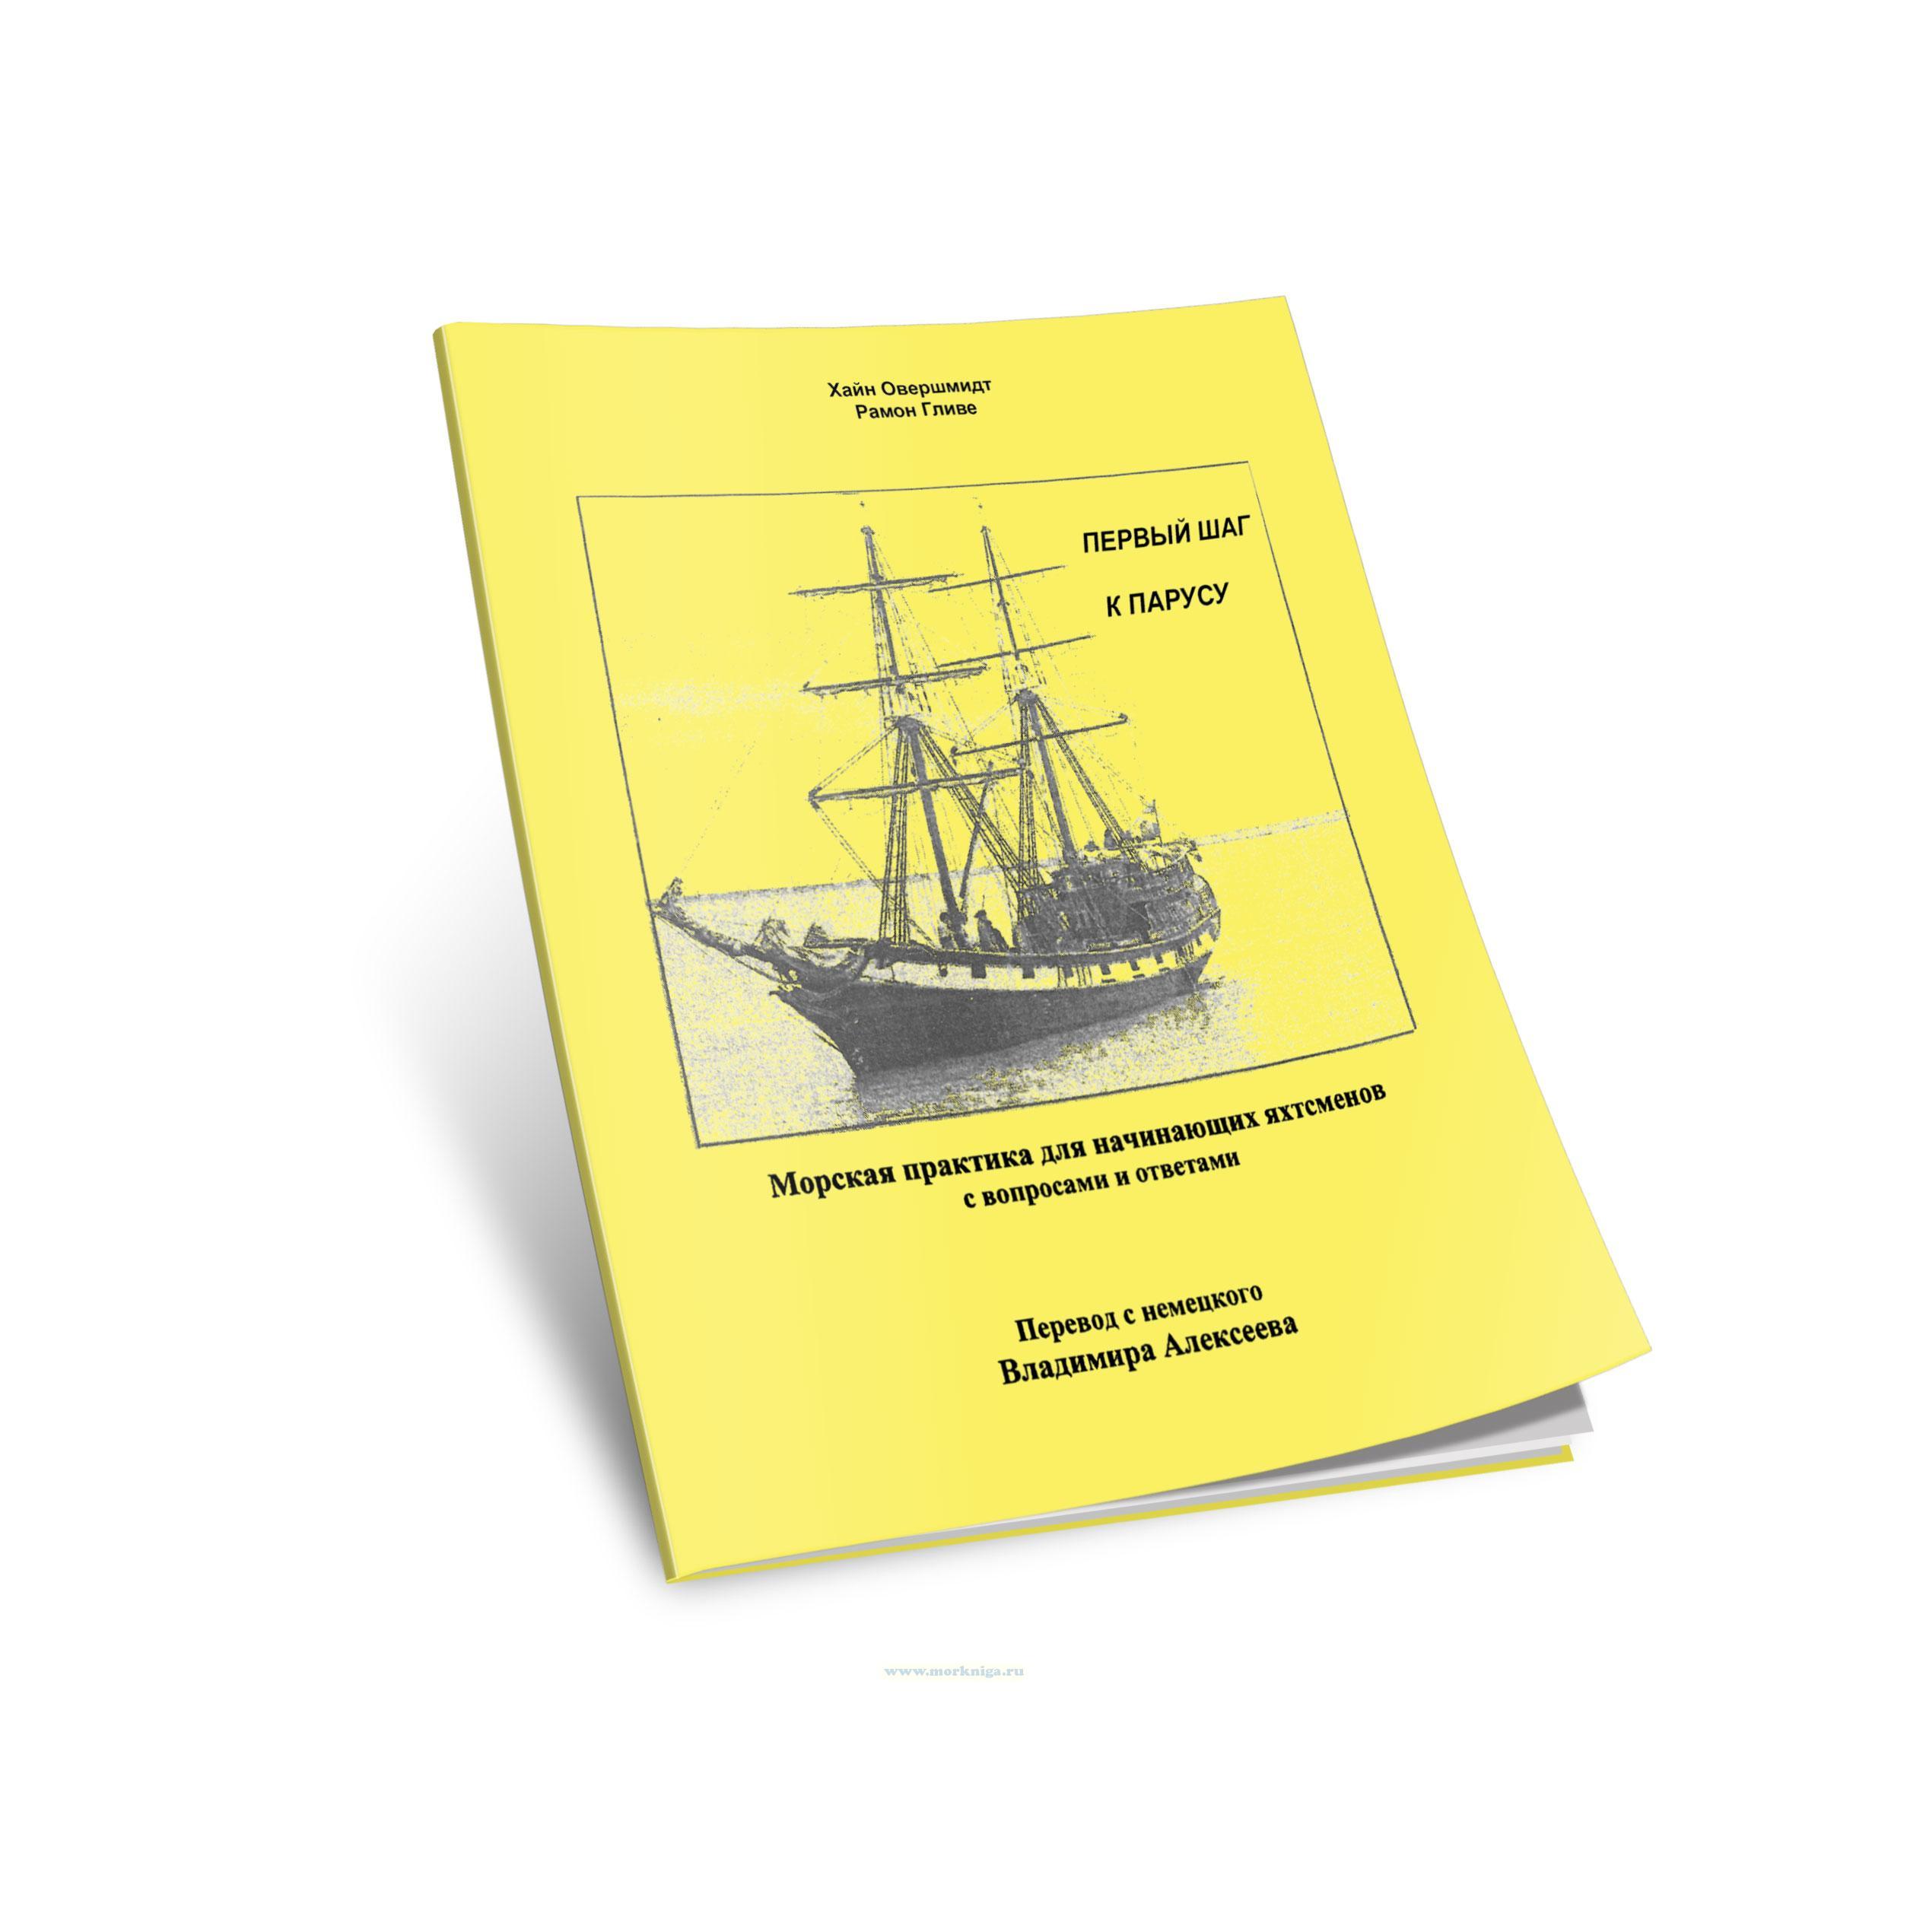 Первый шаг к парусу. Морская практика для начинающих яхтсменов с вопросами и ответами